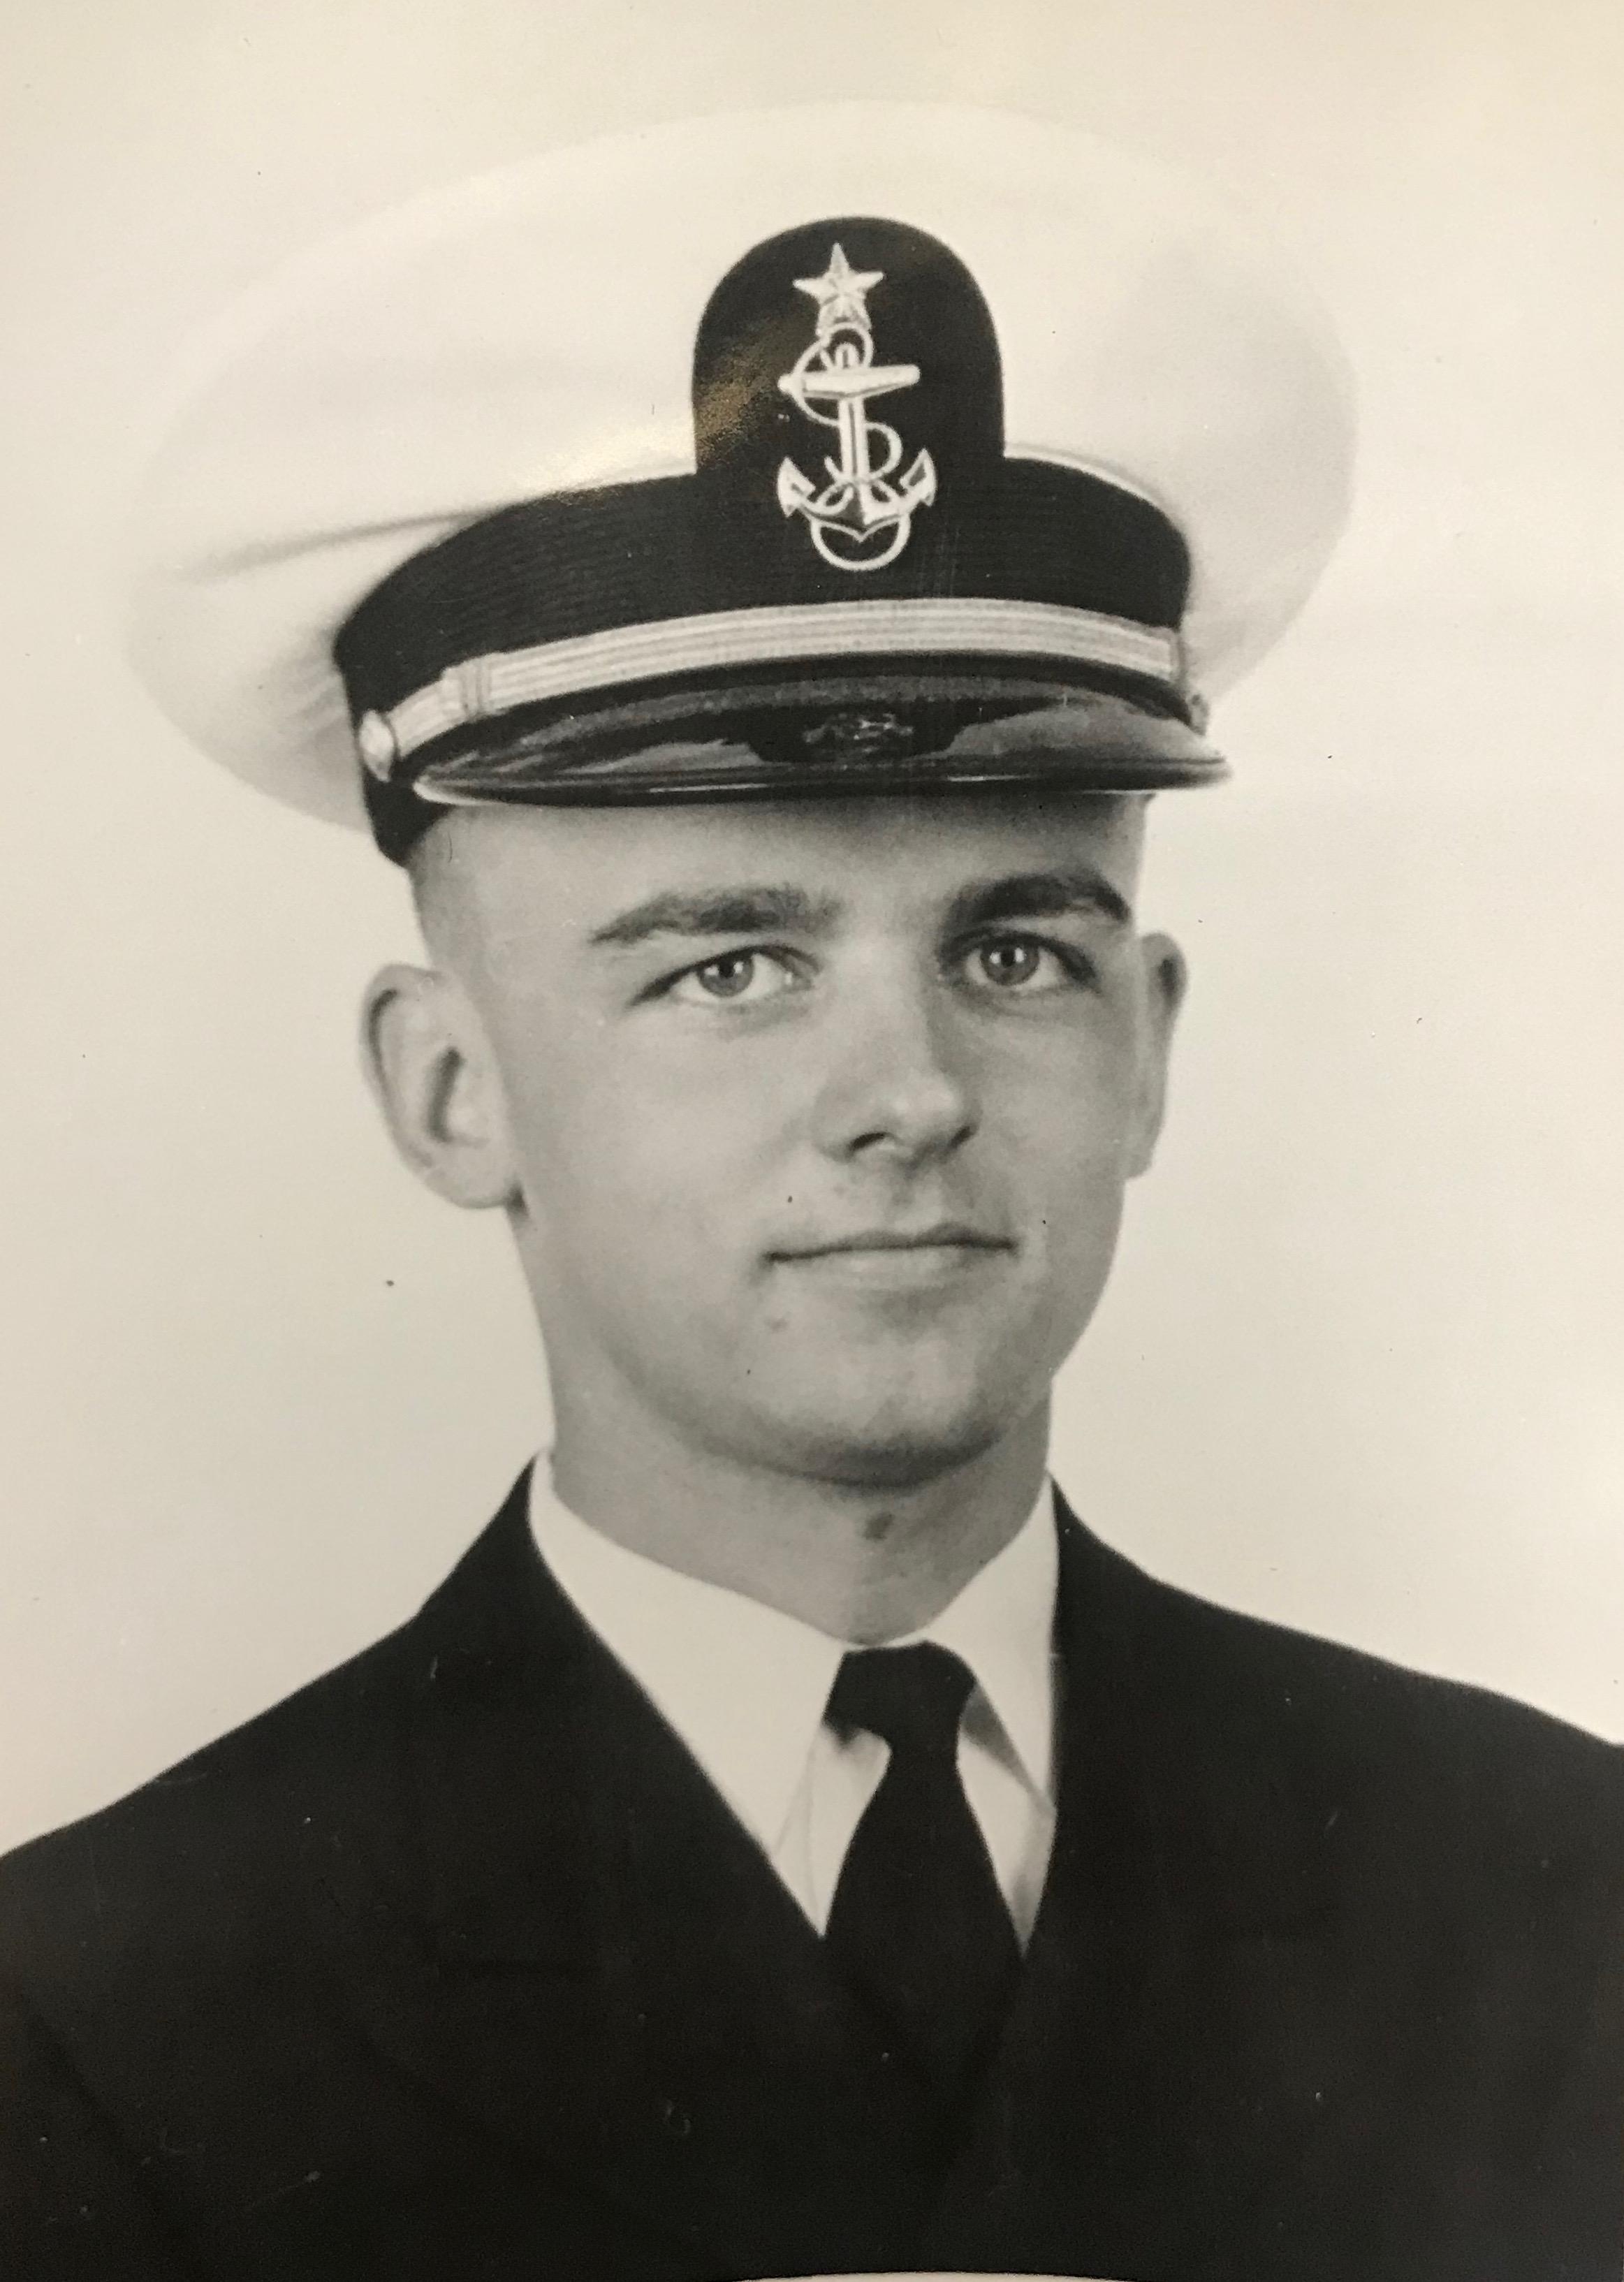 Jack J. Binns